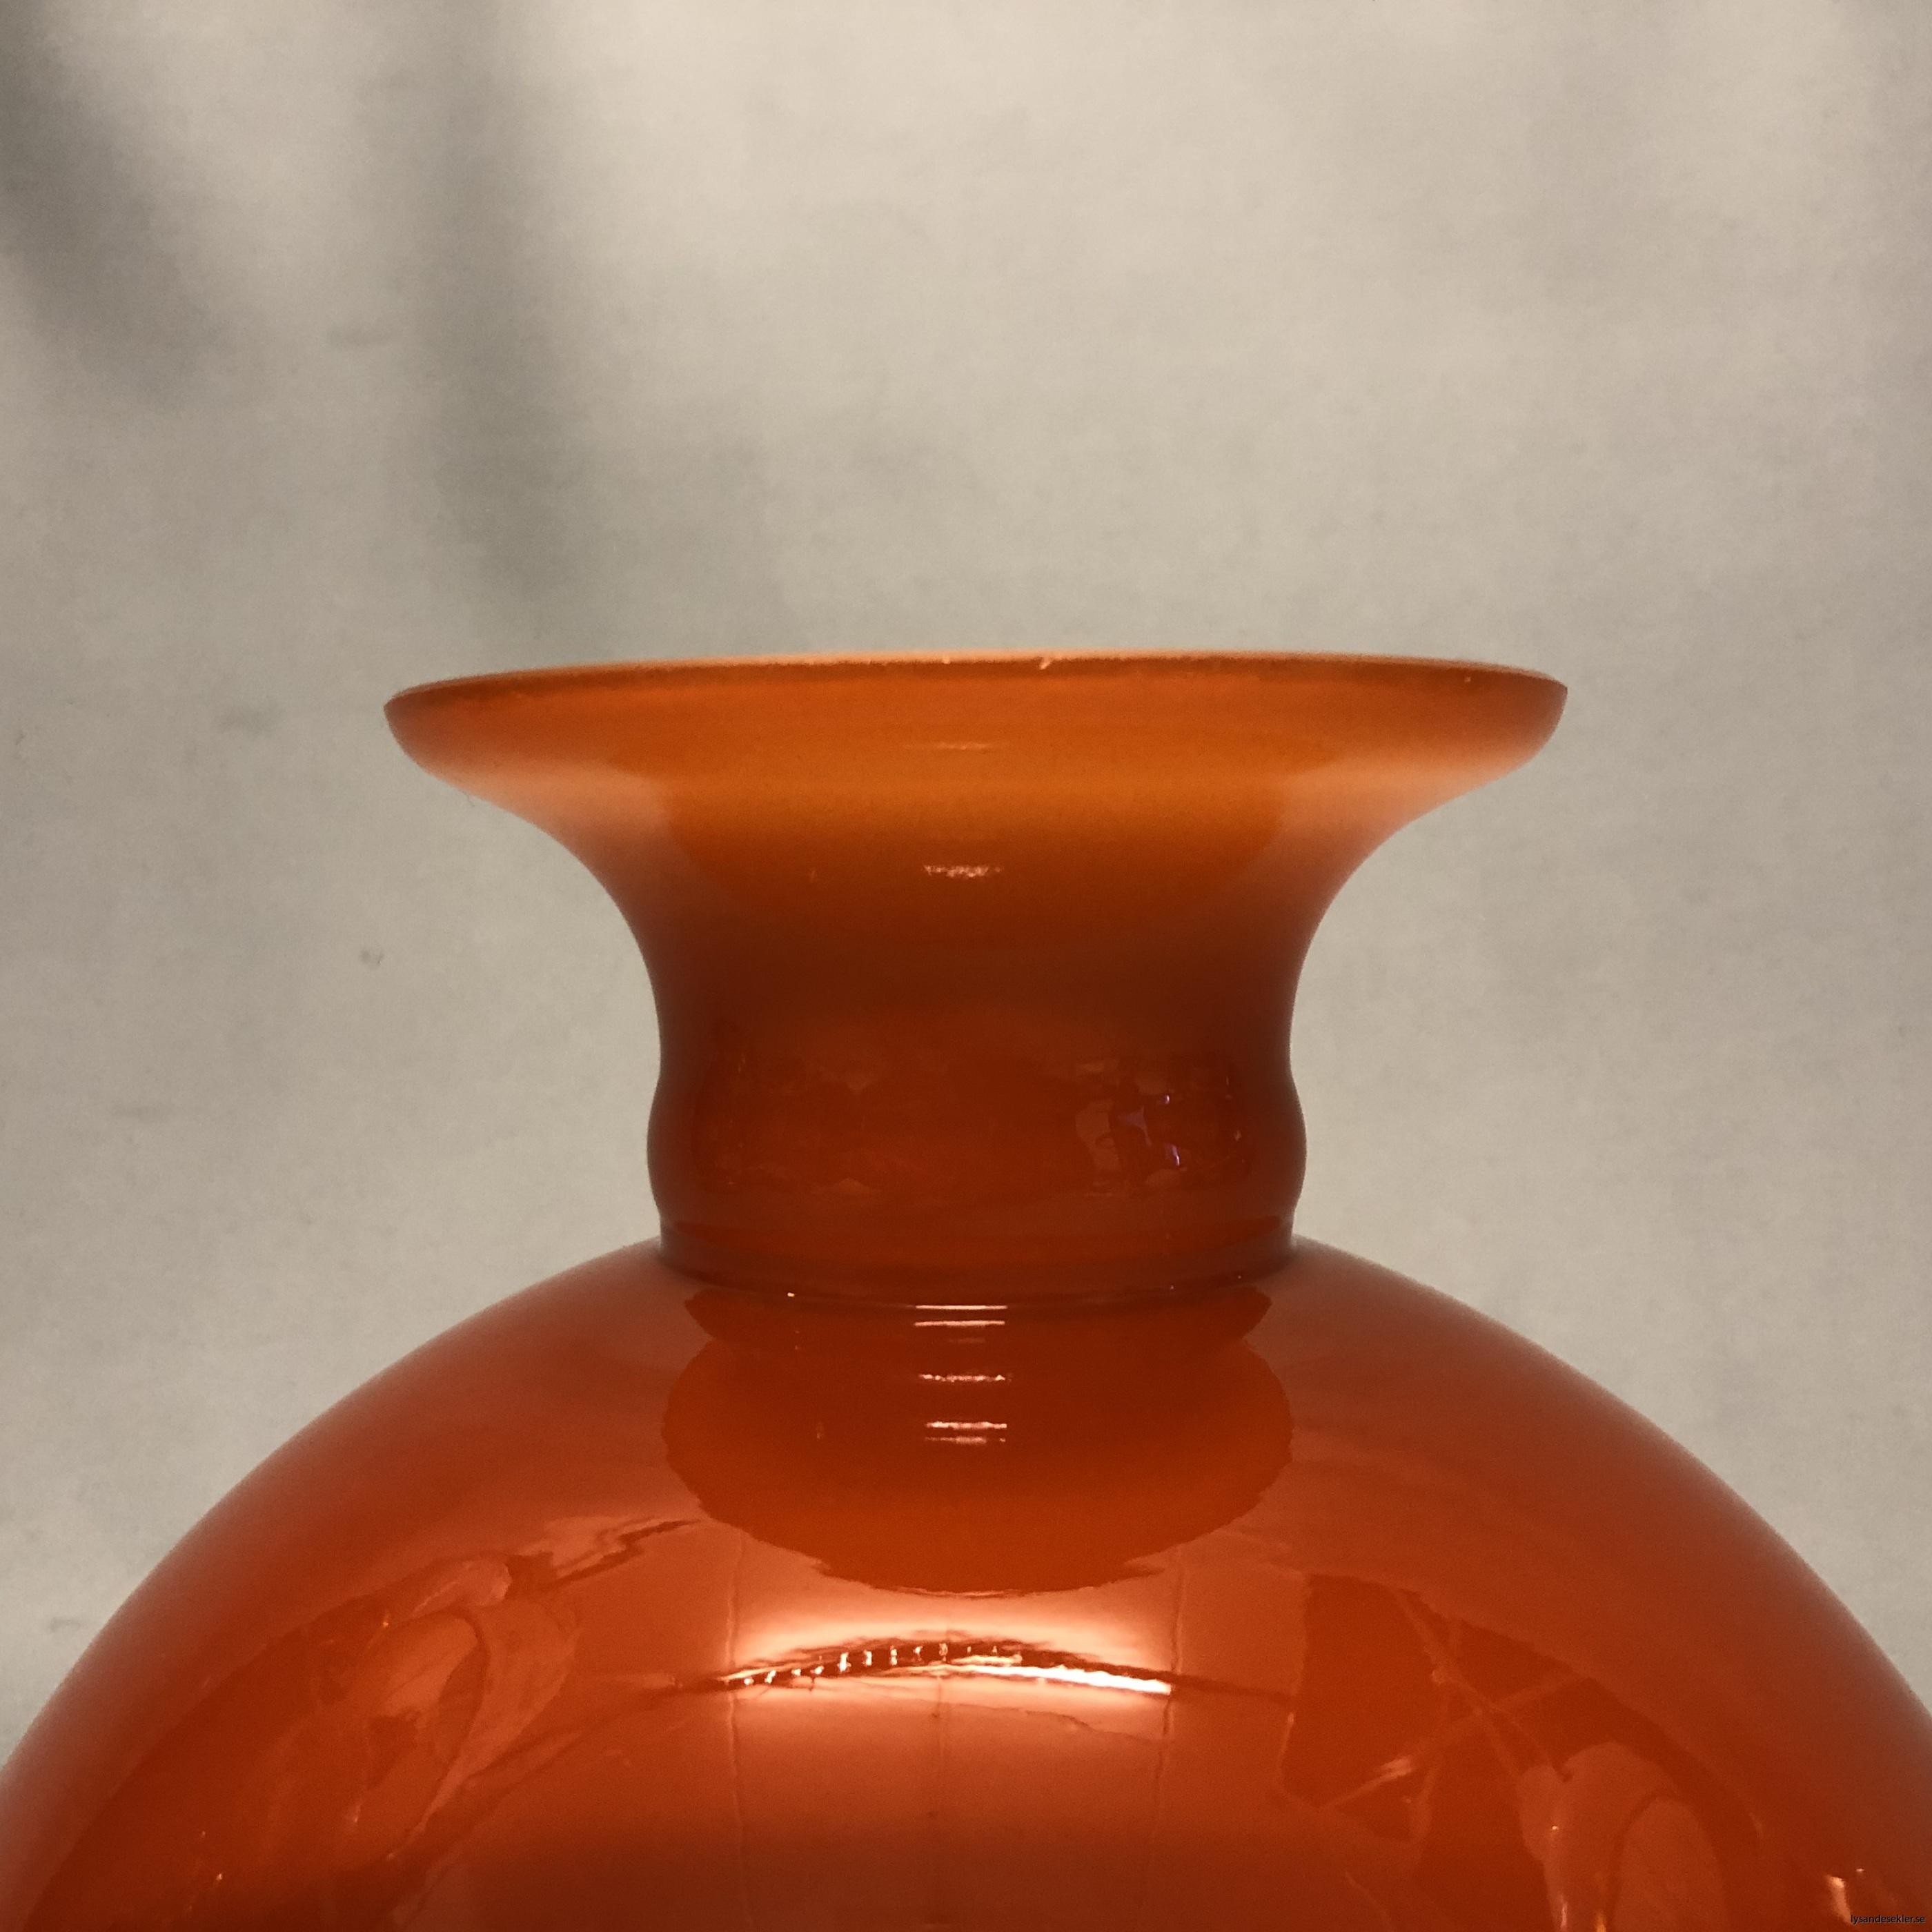 färgad vesta vestaskärm i färg fotogenskärm grön röd gul orange skärm till fotogenlampa58